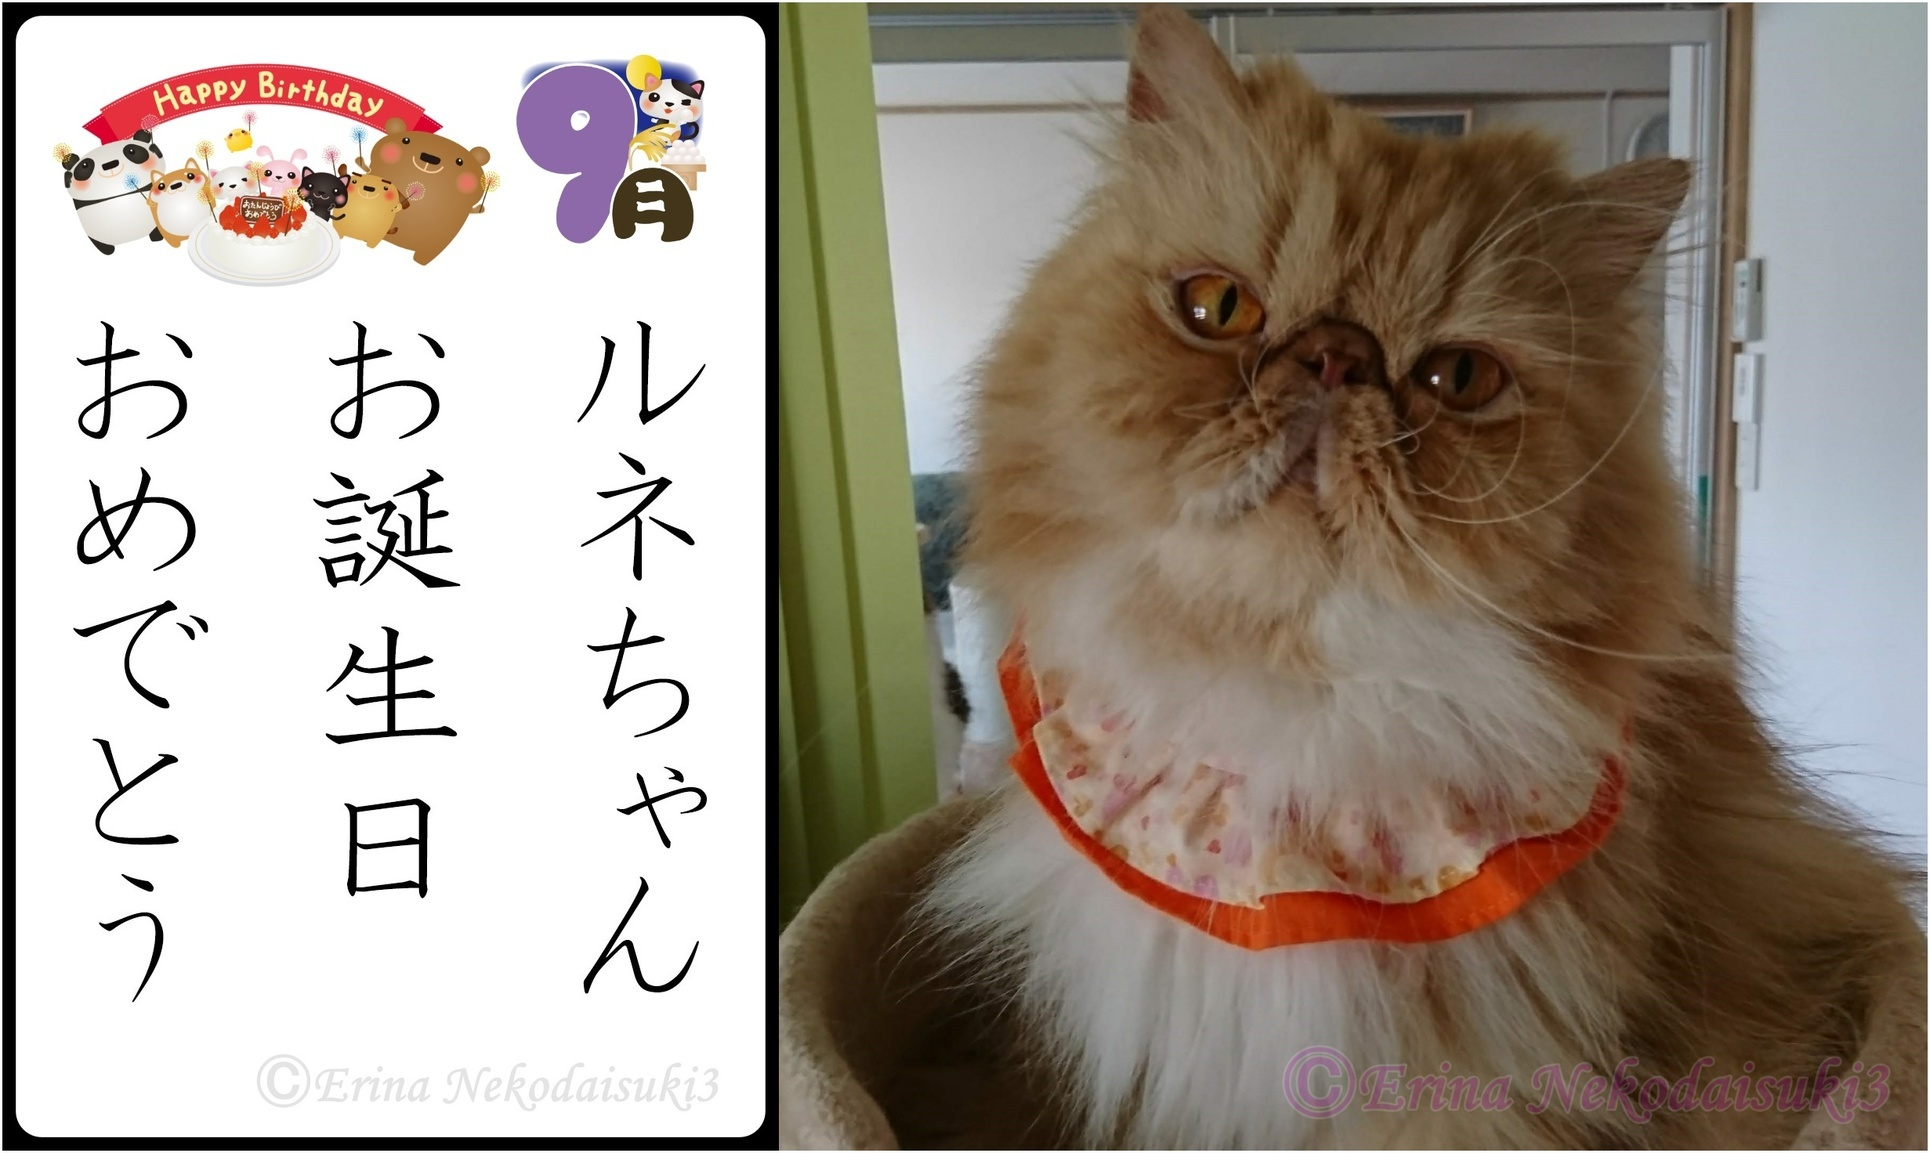 2連結Ⓒルネちゃんお誕生日おめでとう-side.jpg